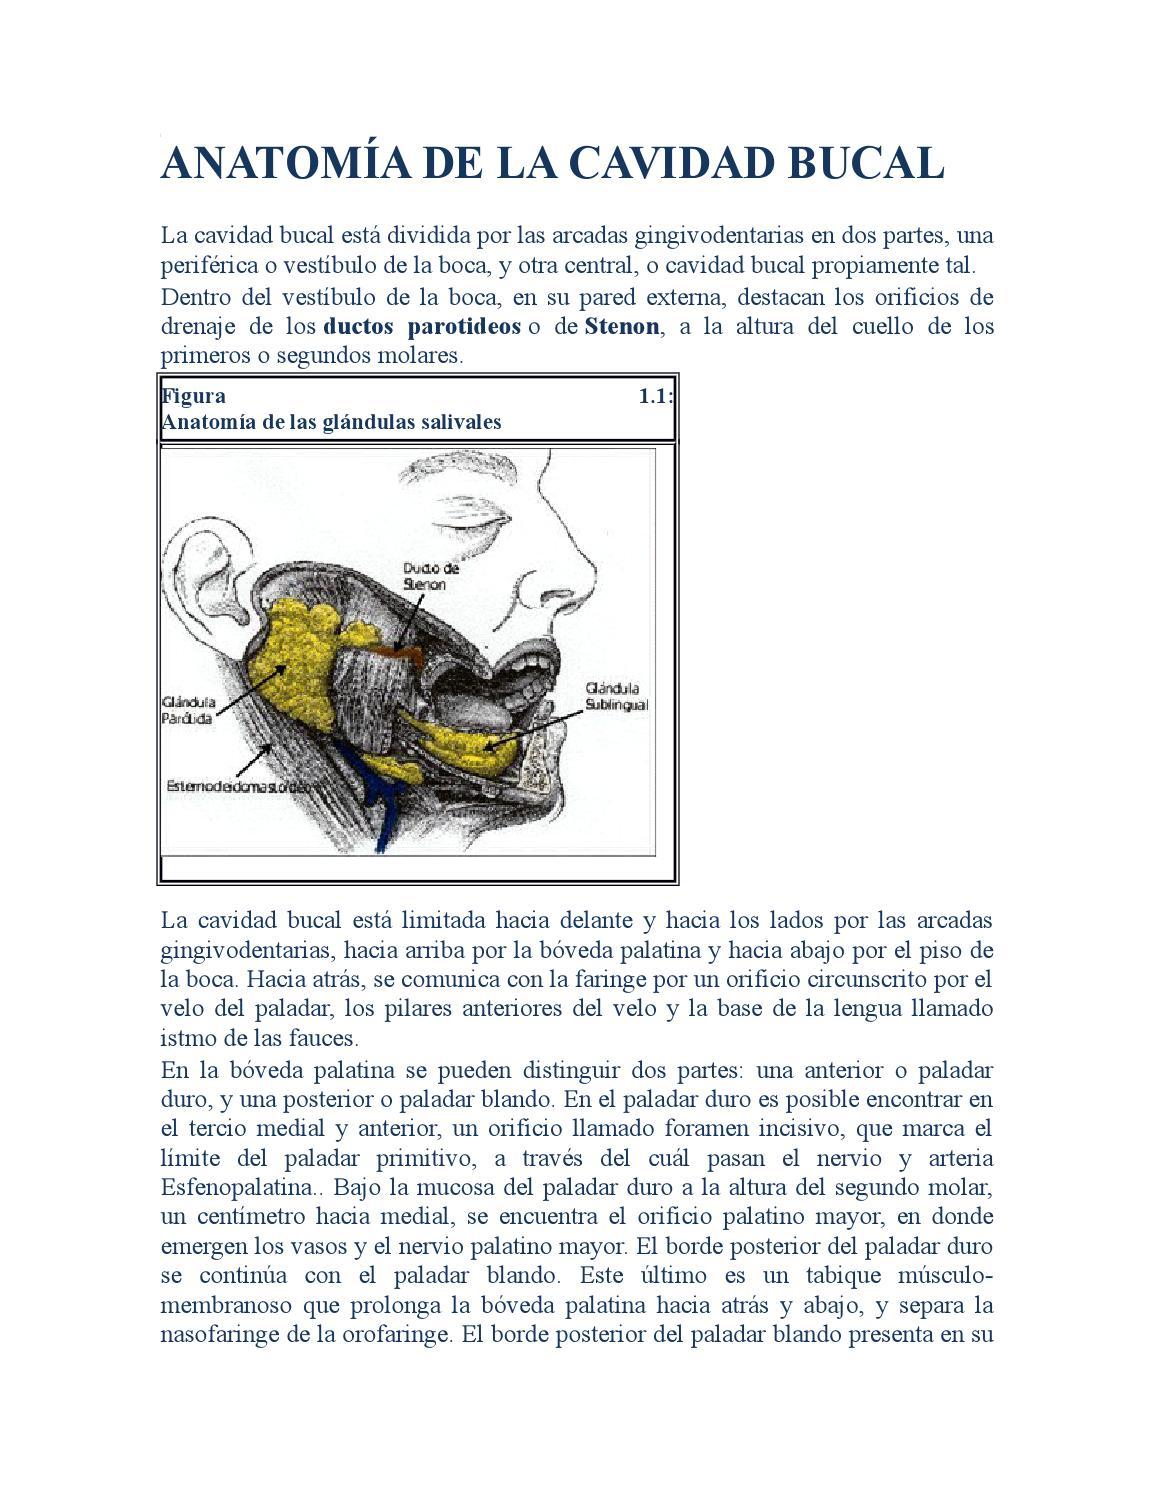 Anatomía de la cavidad bucal by Elizabeth Picoita - issuu